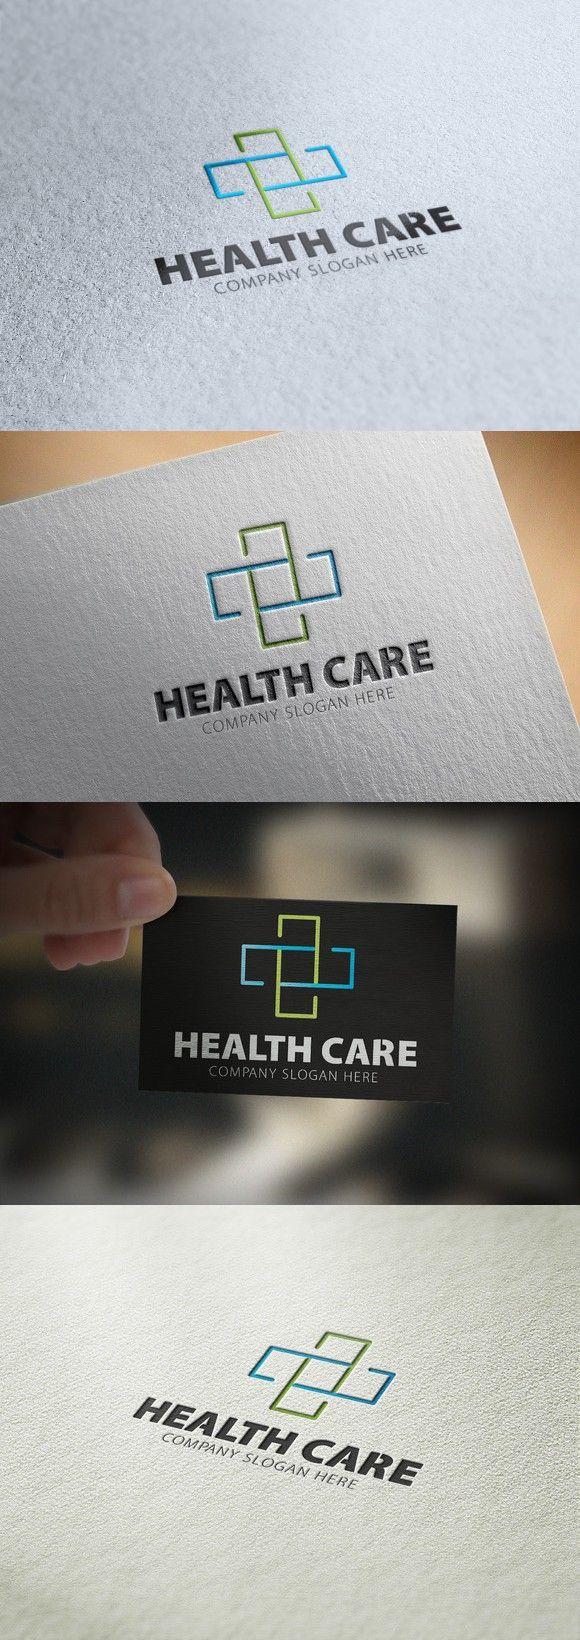 Health Care Logo Logos farmacia, Farmacia, Logotipos